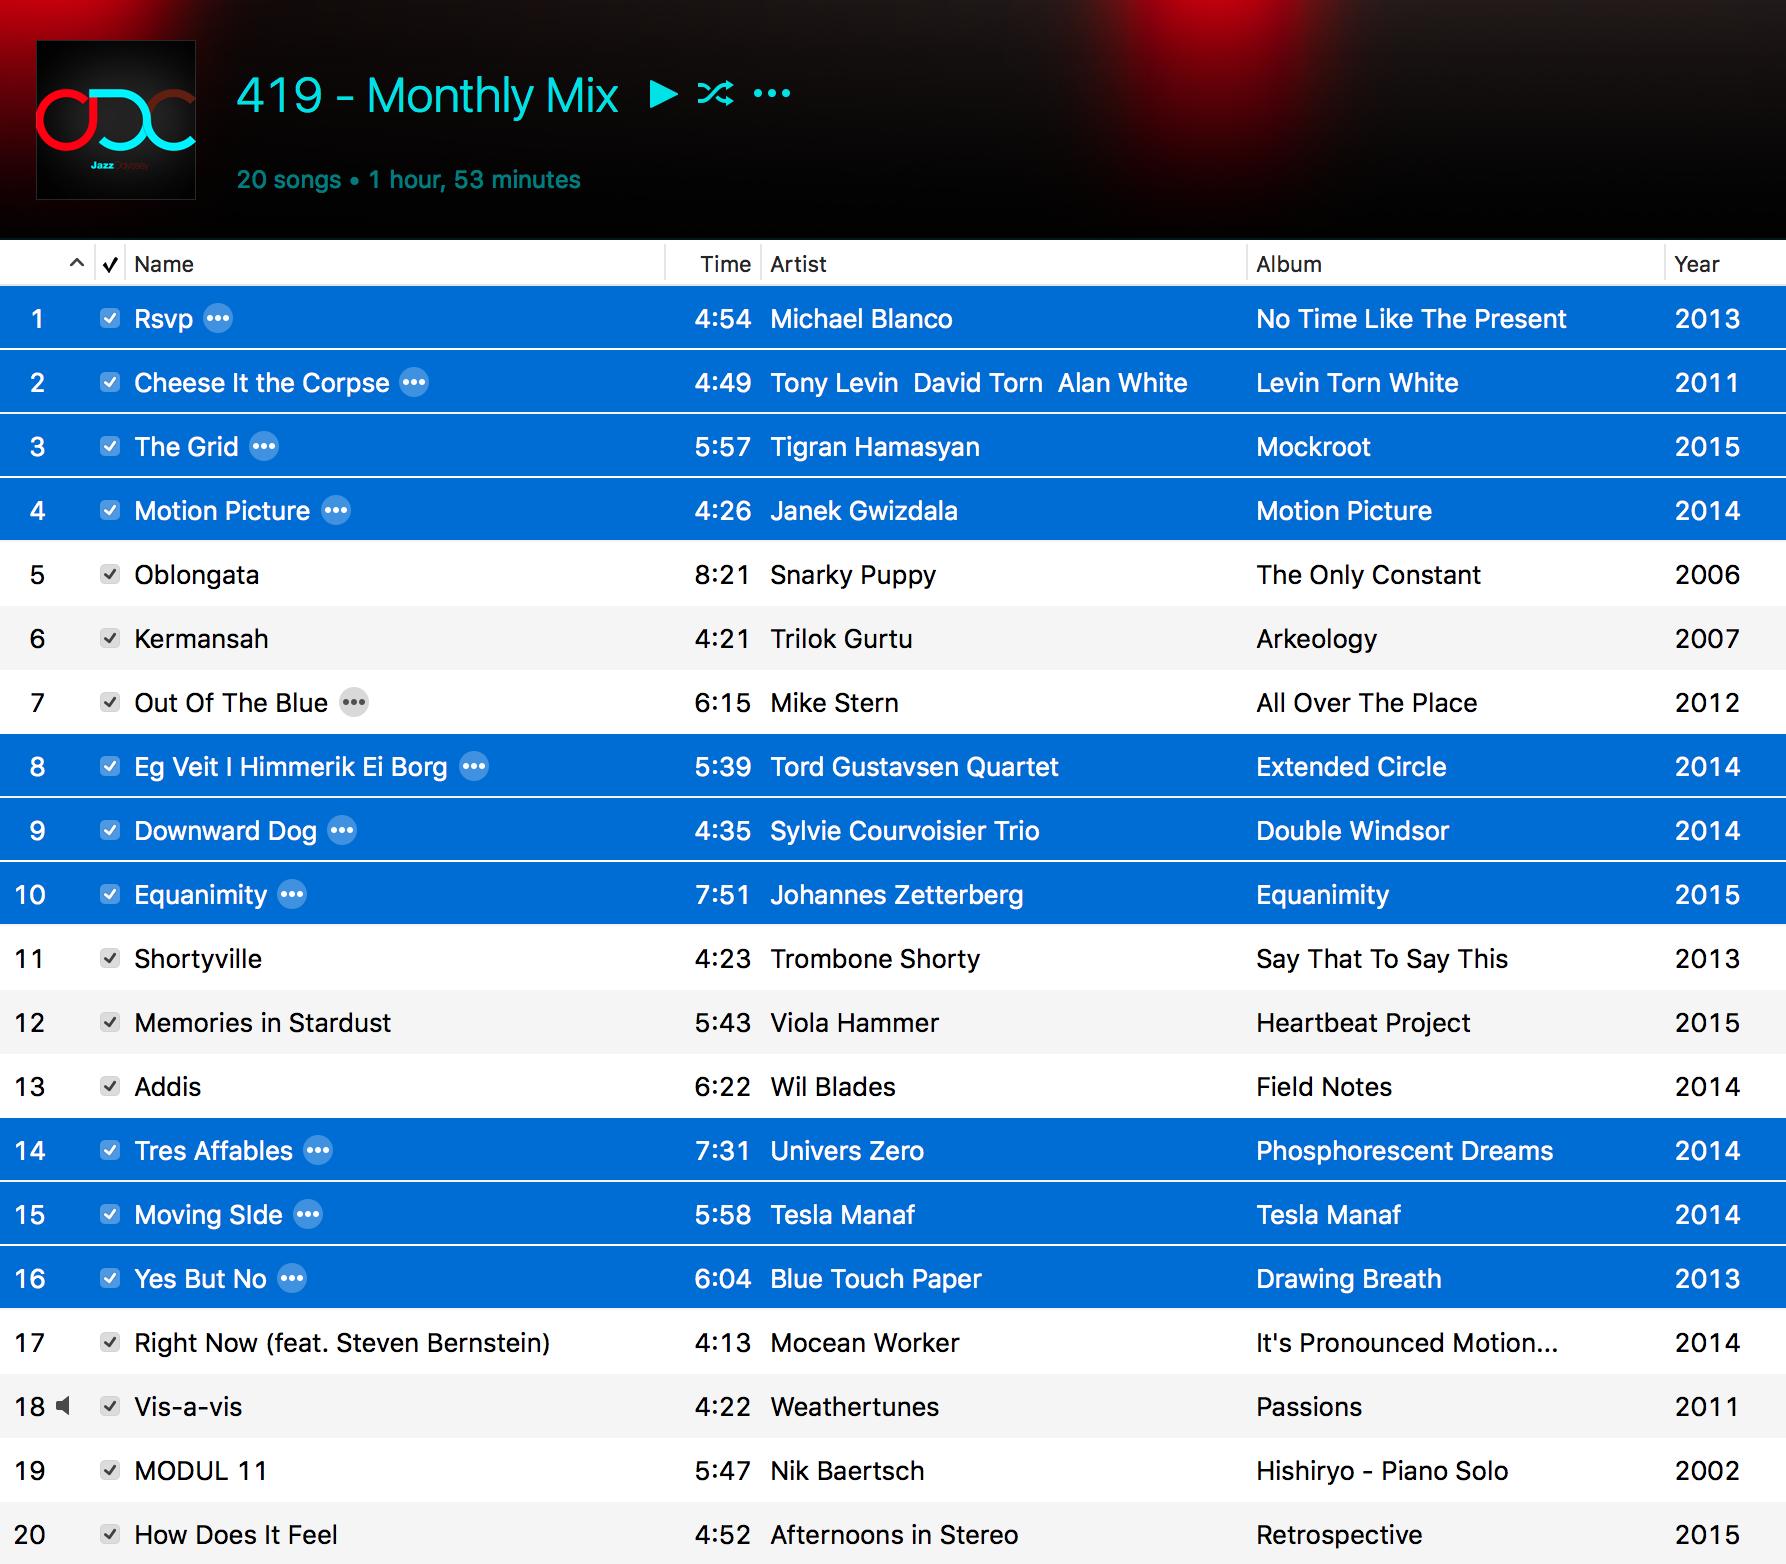 Jazz ODC #419 - Month;y Mix - Playlist